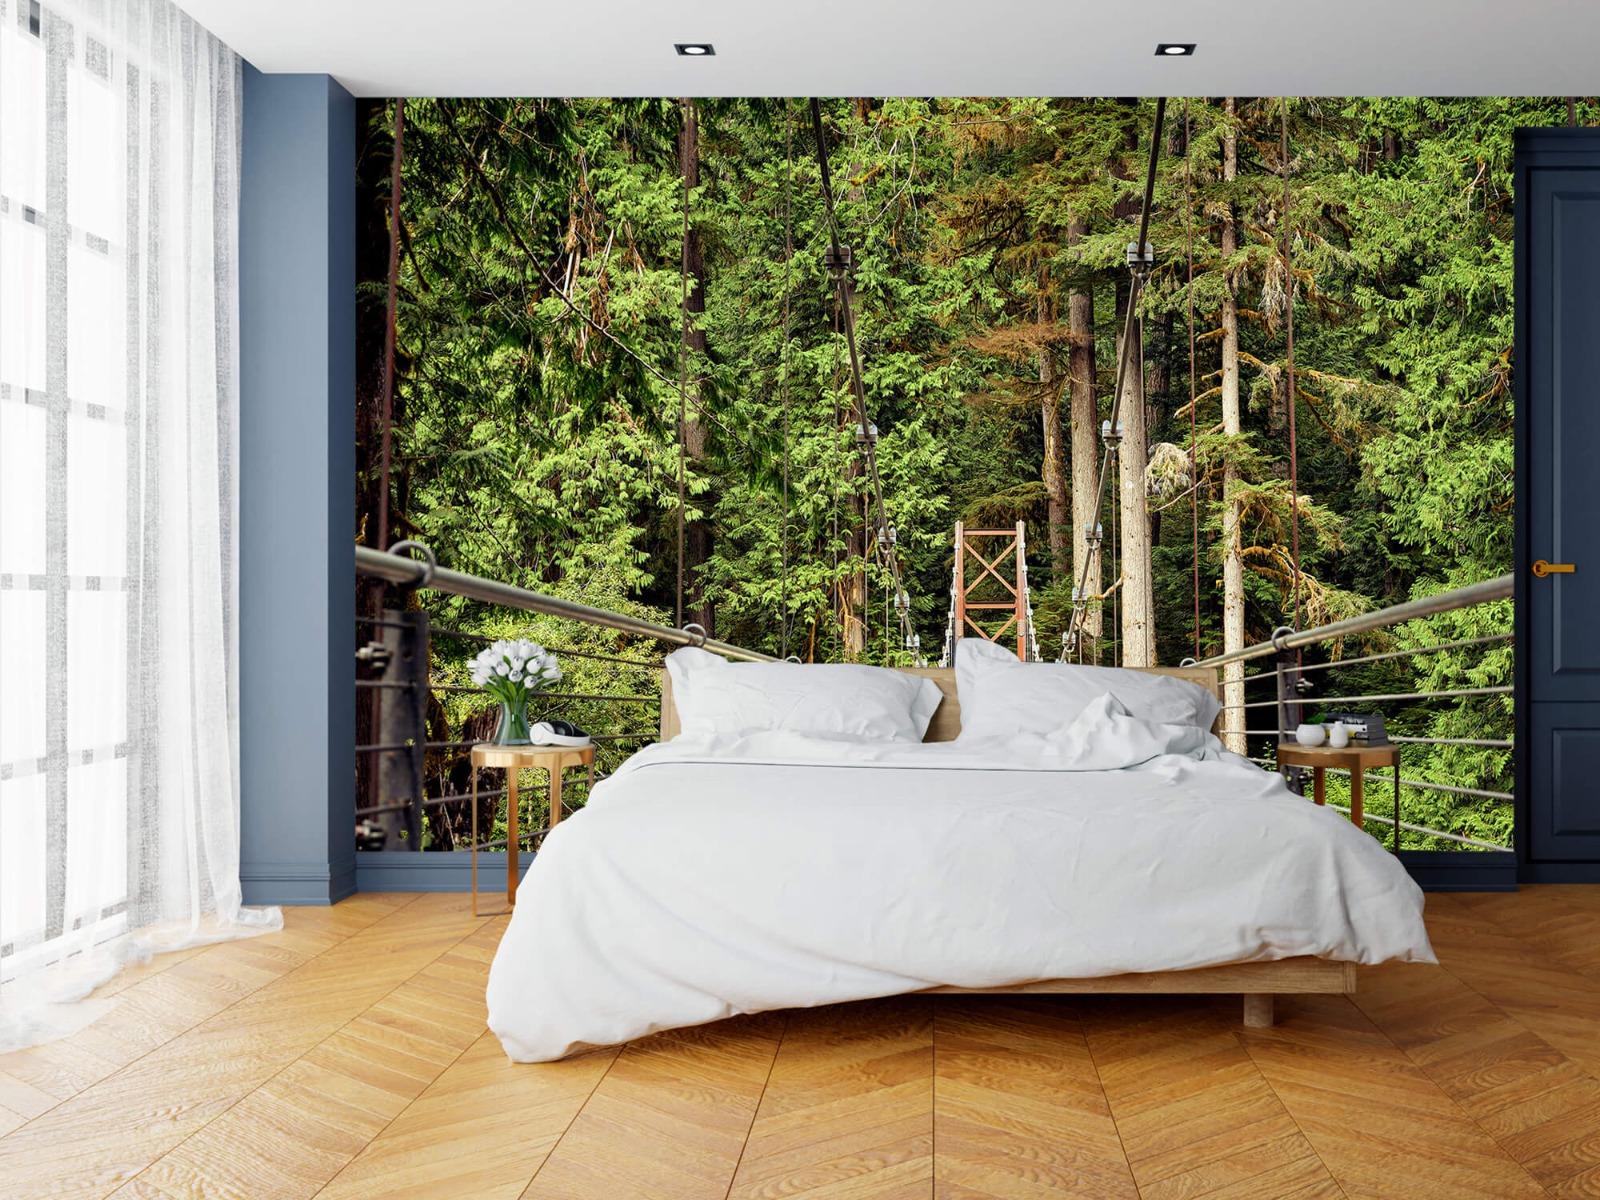 Bos behang - Brug door het bos - Slaapkamer 15